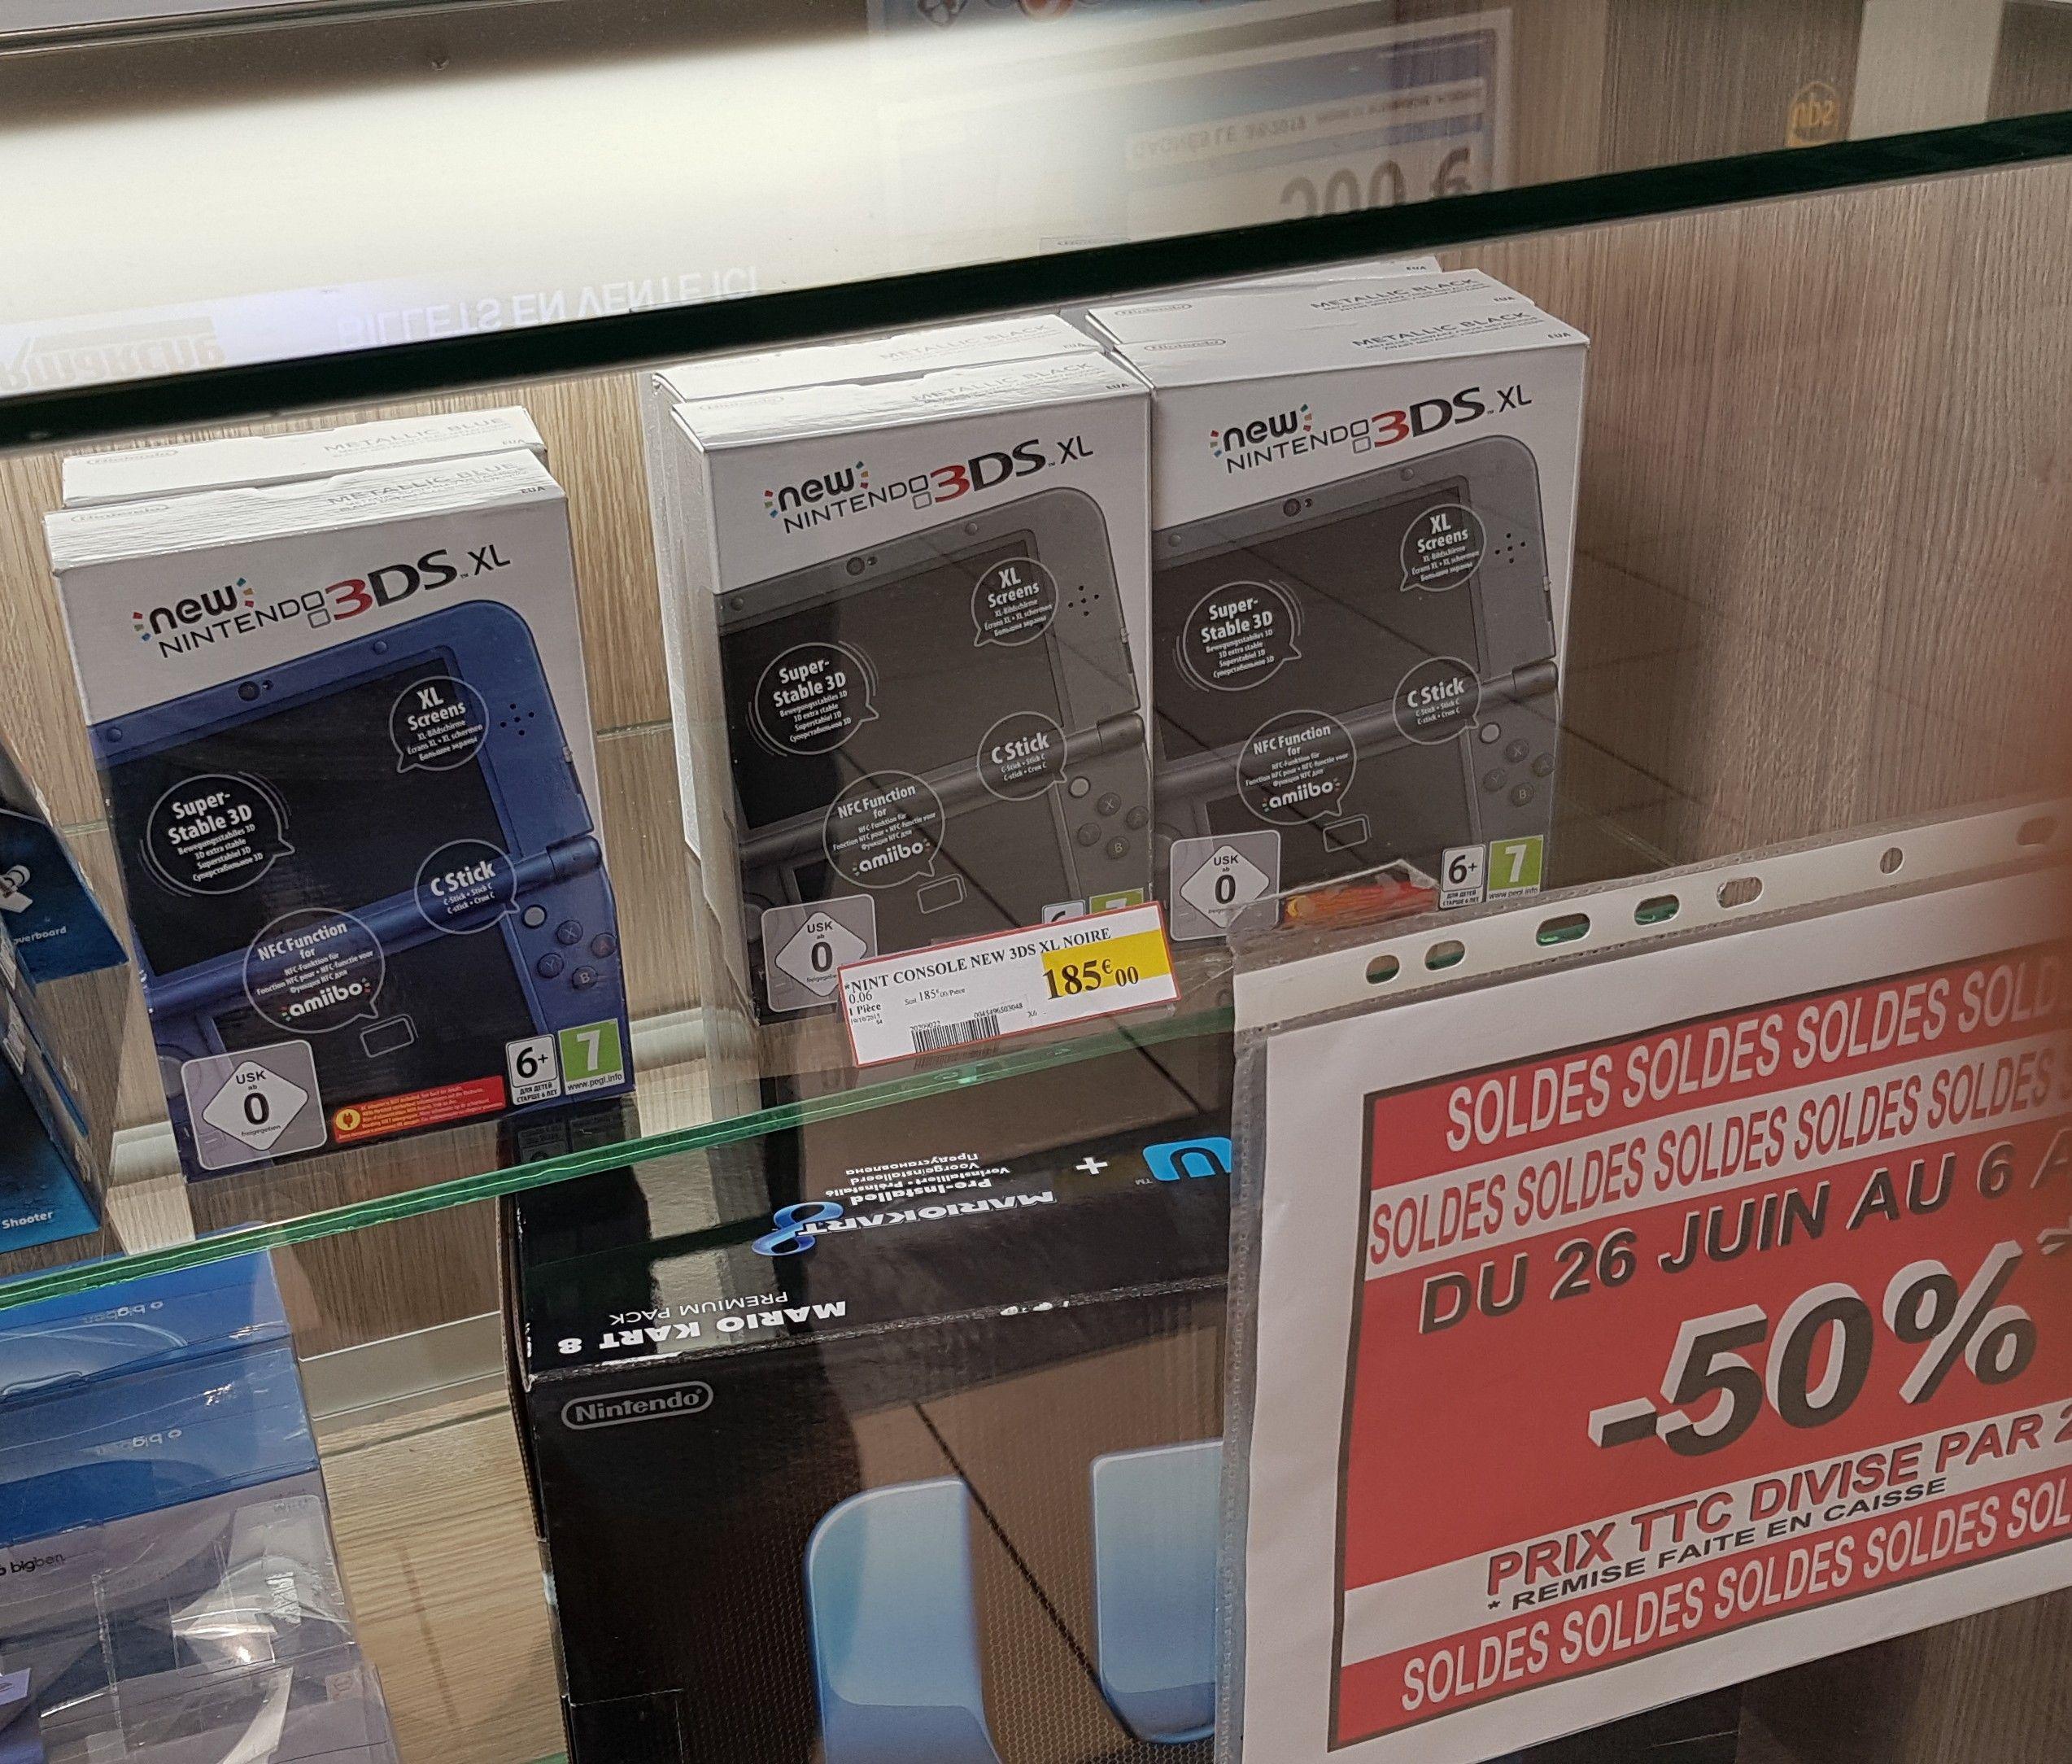 Console portable New Nintendo 3DS XL (Différents Coloris) - Ploërmel (56)